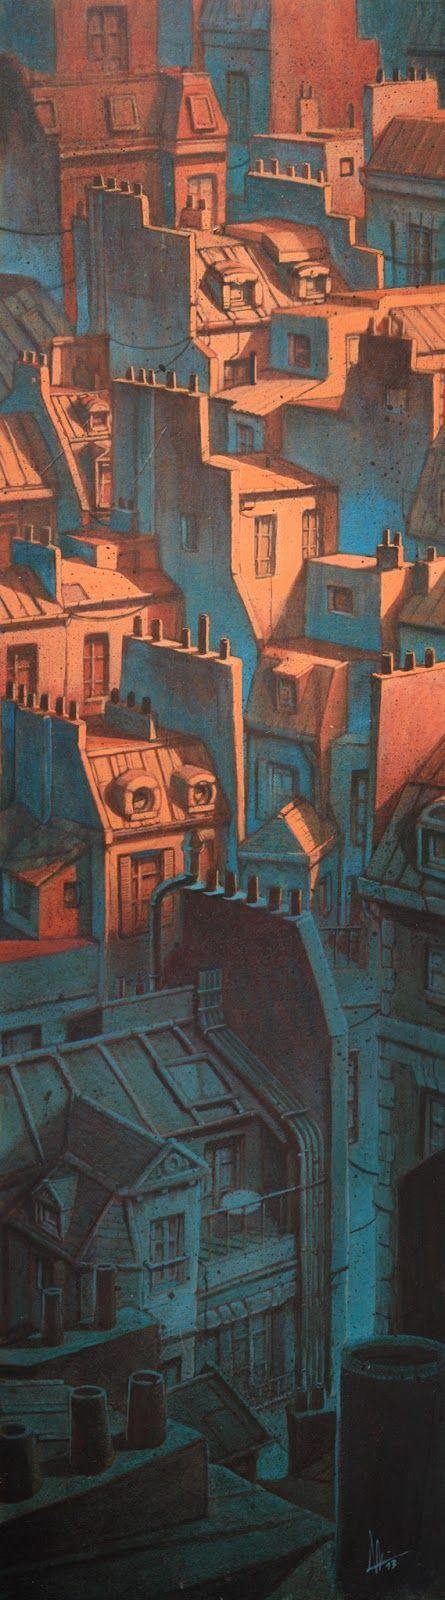 vertical / orange / bleu / ville / urbain / toits / crépuscule / trait / composition / couleur / éclairage